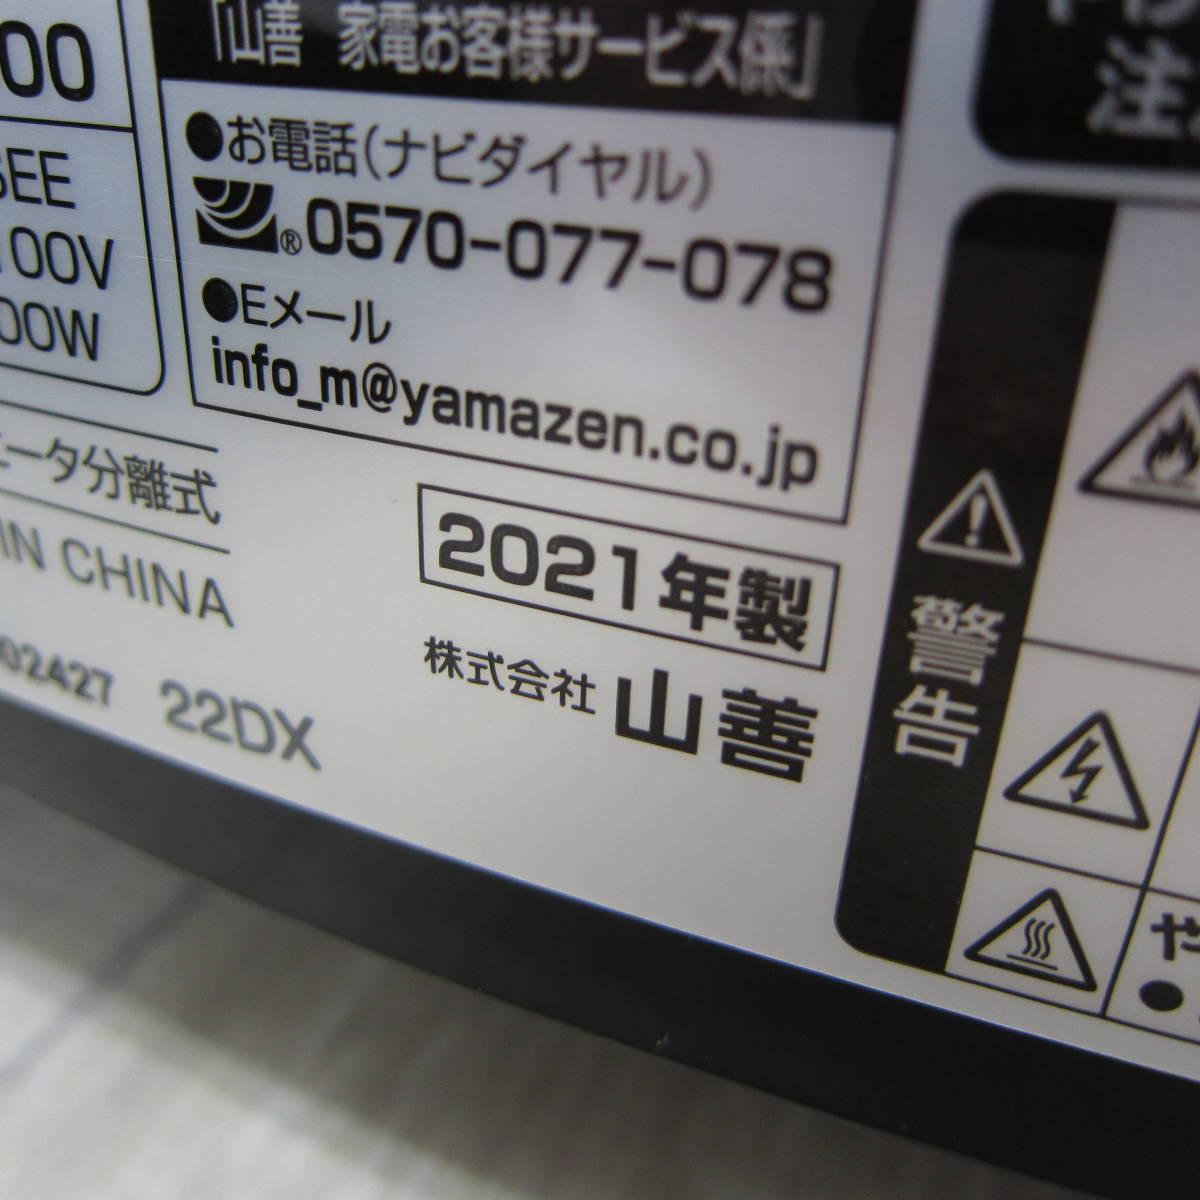 S9261【未使用】[山善] ホットプレート 3WAY (平面プレート/波型プレート/たこ焼きプレート) 着脱式 フッ素コーティング EDH-T1300(B)